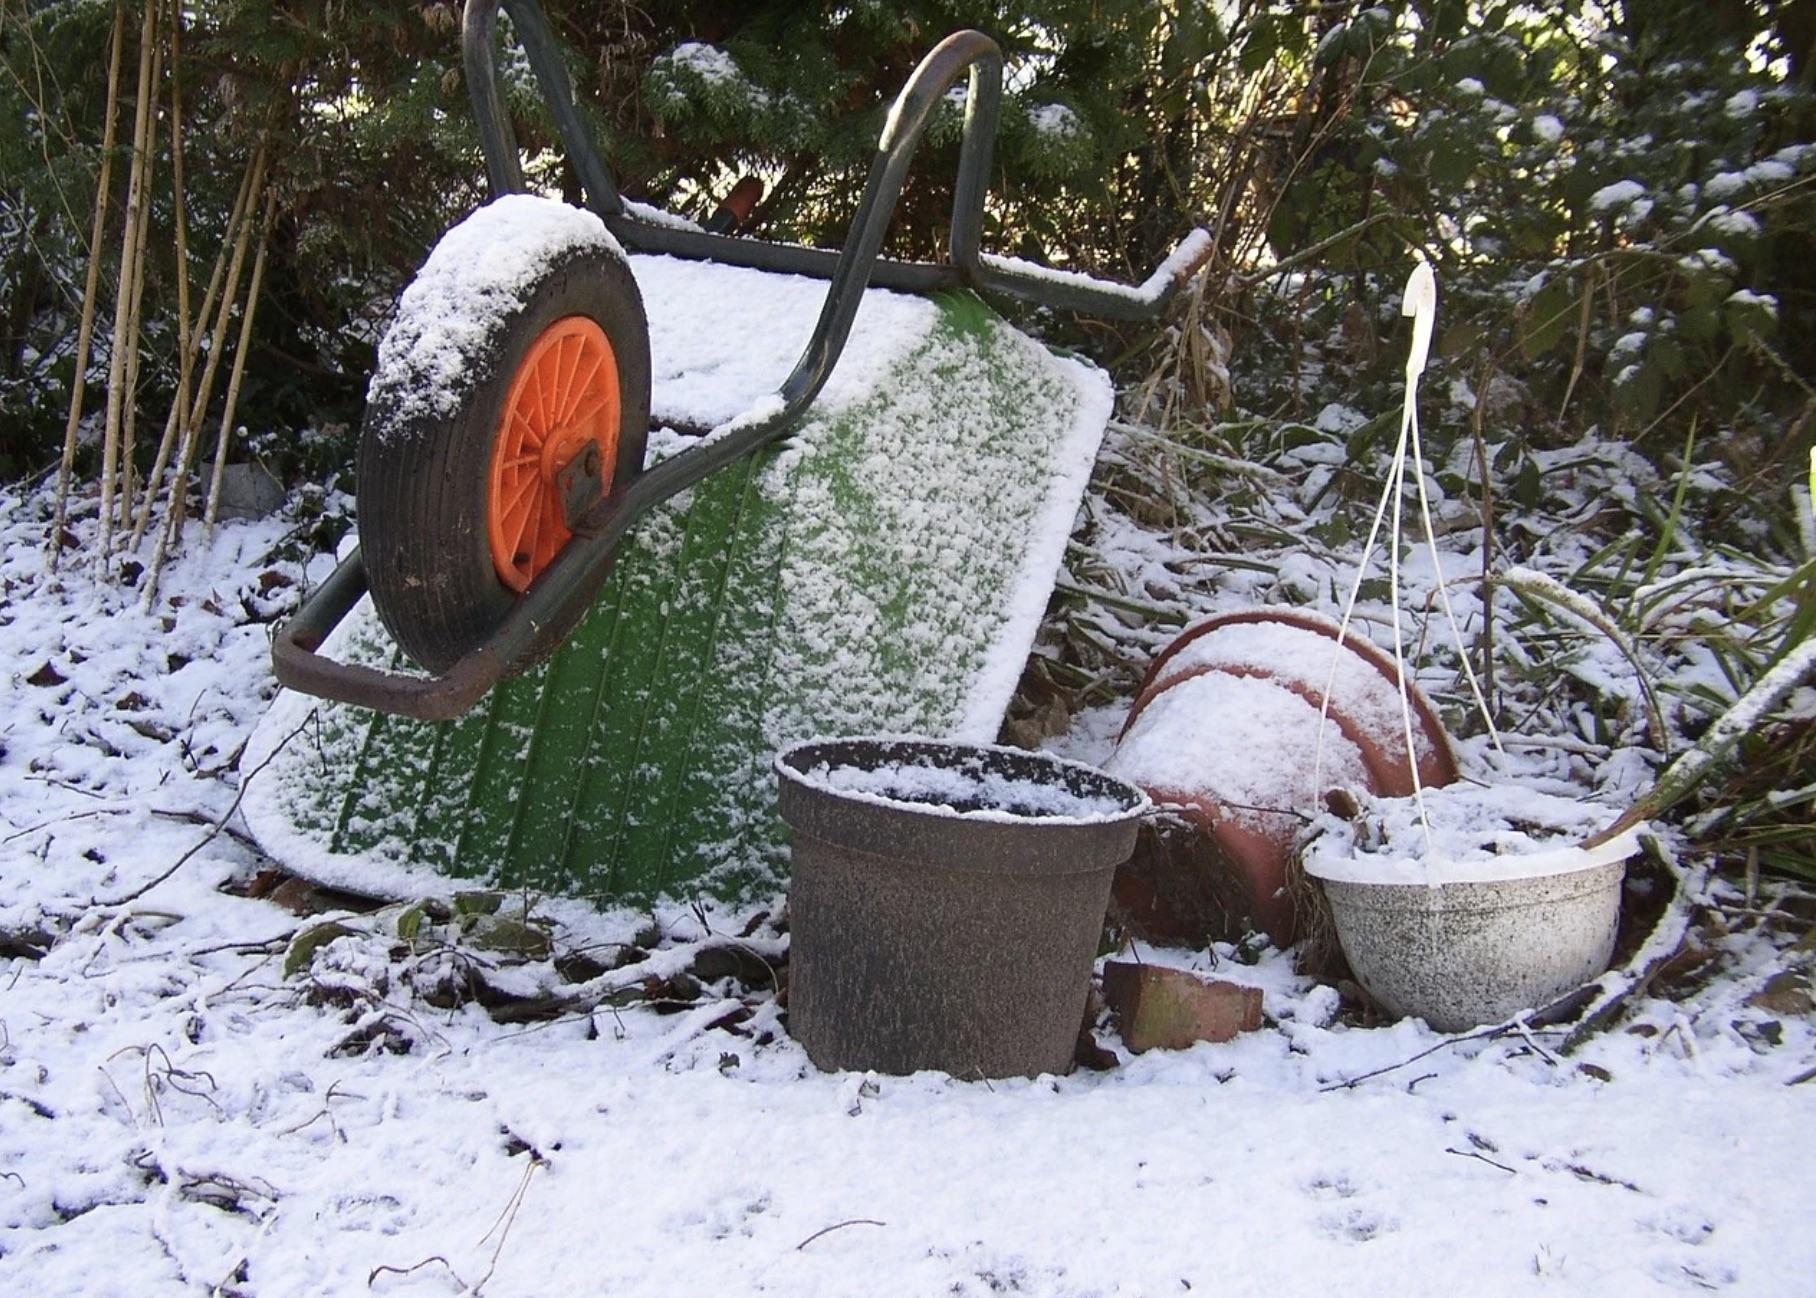 Winter Storage of Garden Equipment